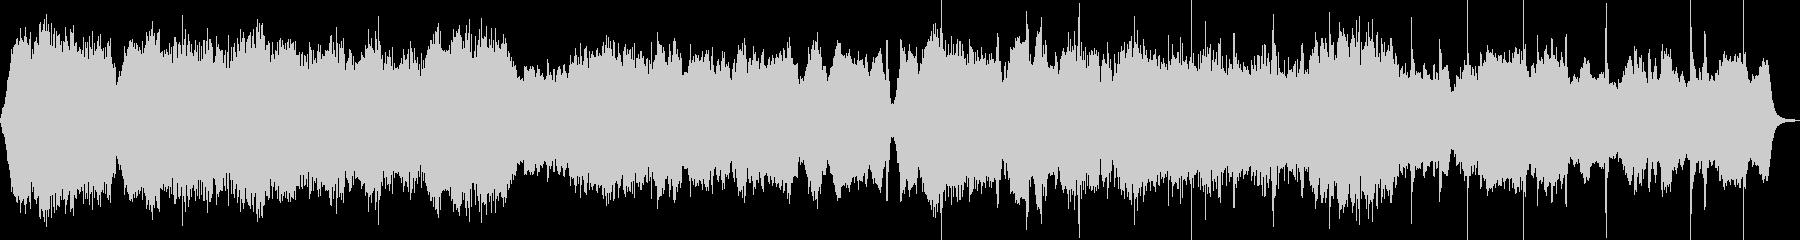 オーケストラ楽器の未再生の波形